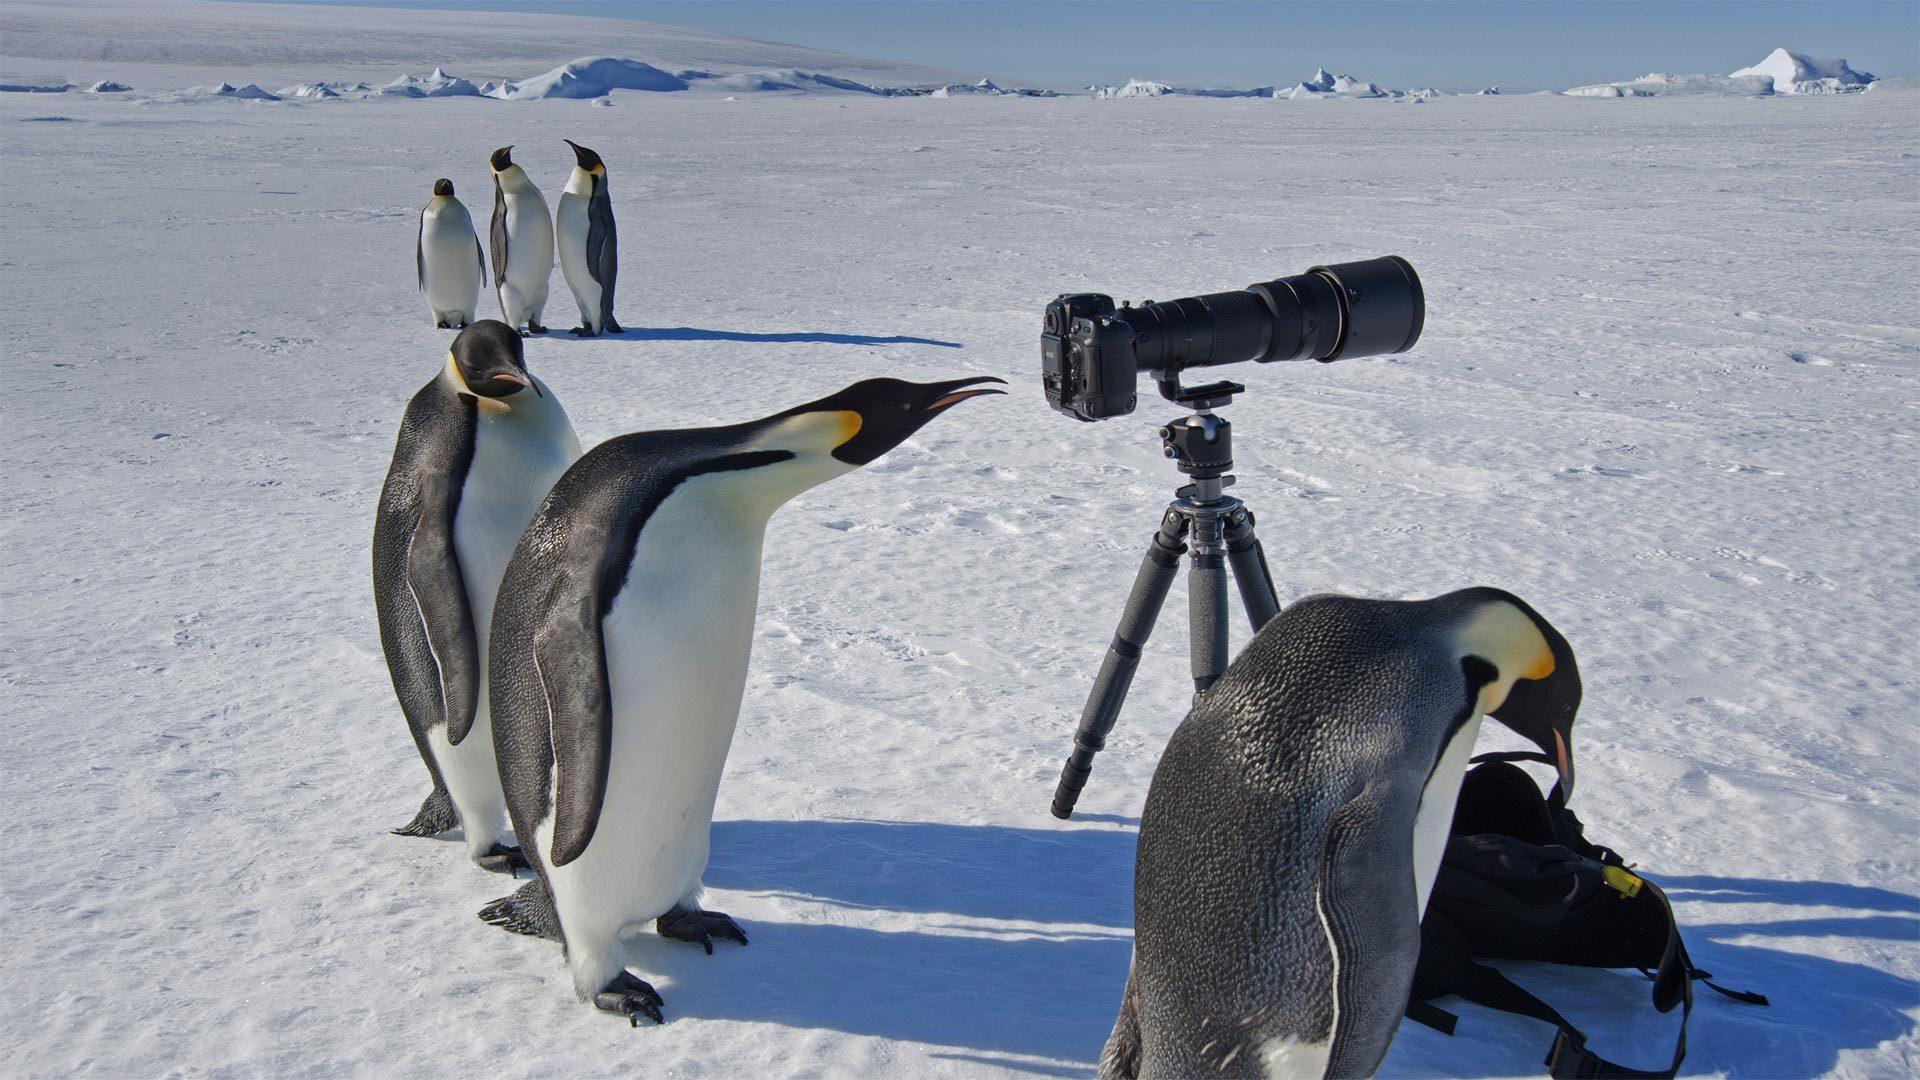 一群好奇的帝企鹅 帝企鹅